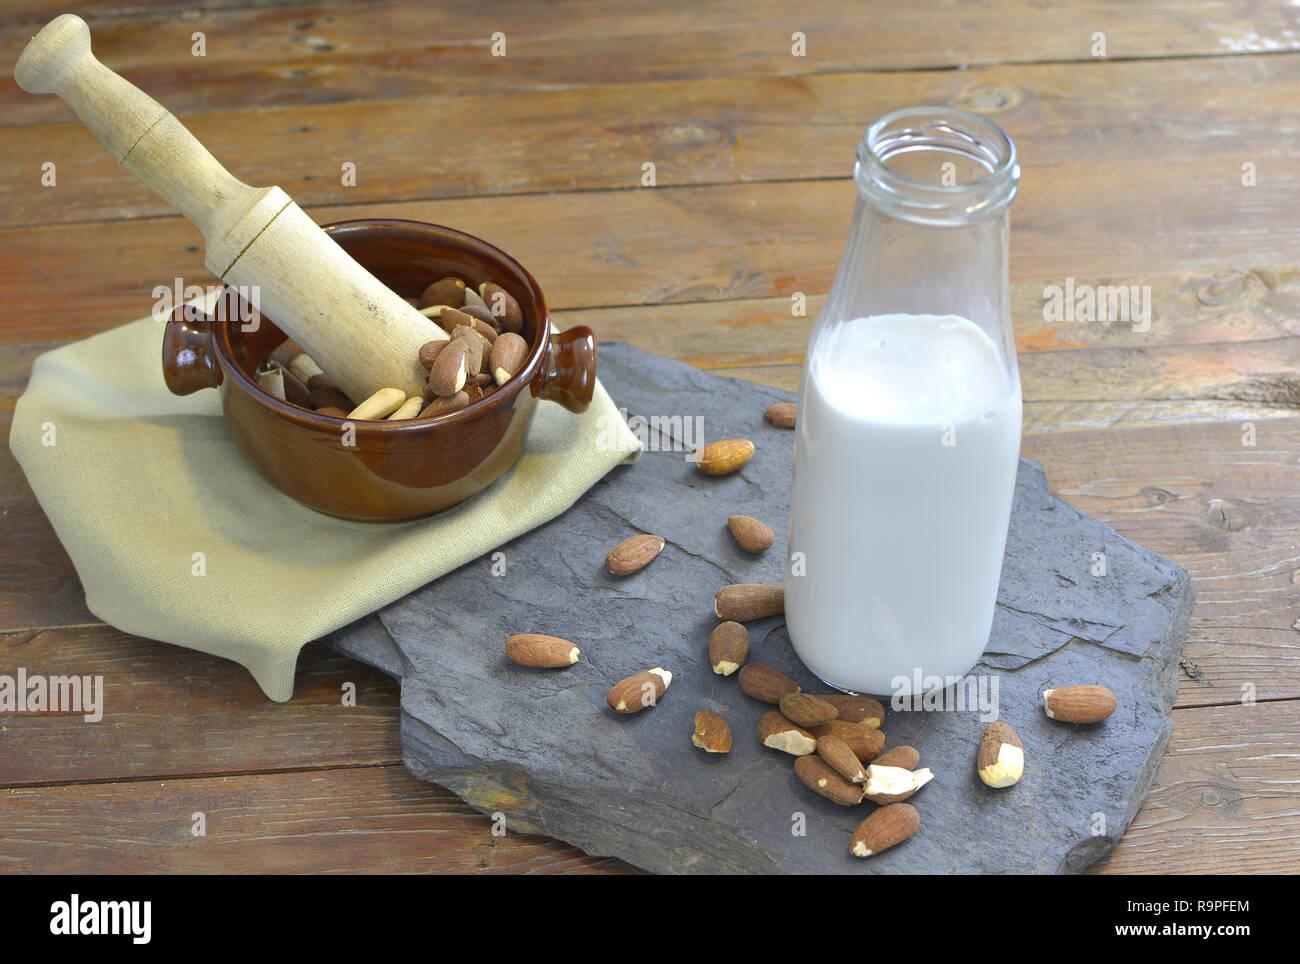 Lait d'amande fait maison en bouteille avec des amandes dans un bol. Substitut au lait lait - close up avec un espace réservé au texte Photo Stock